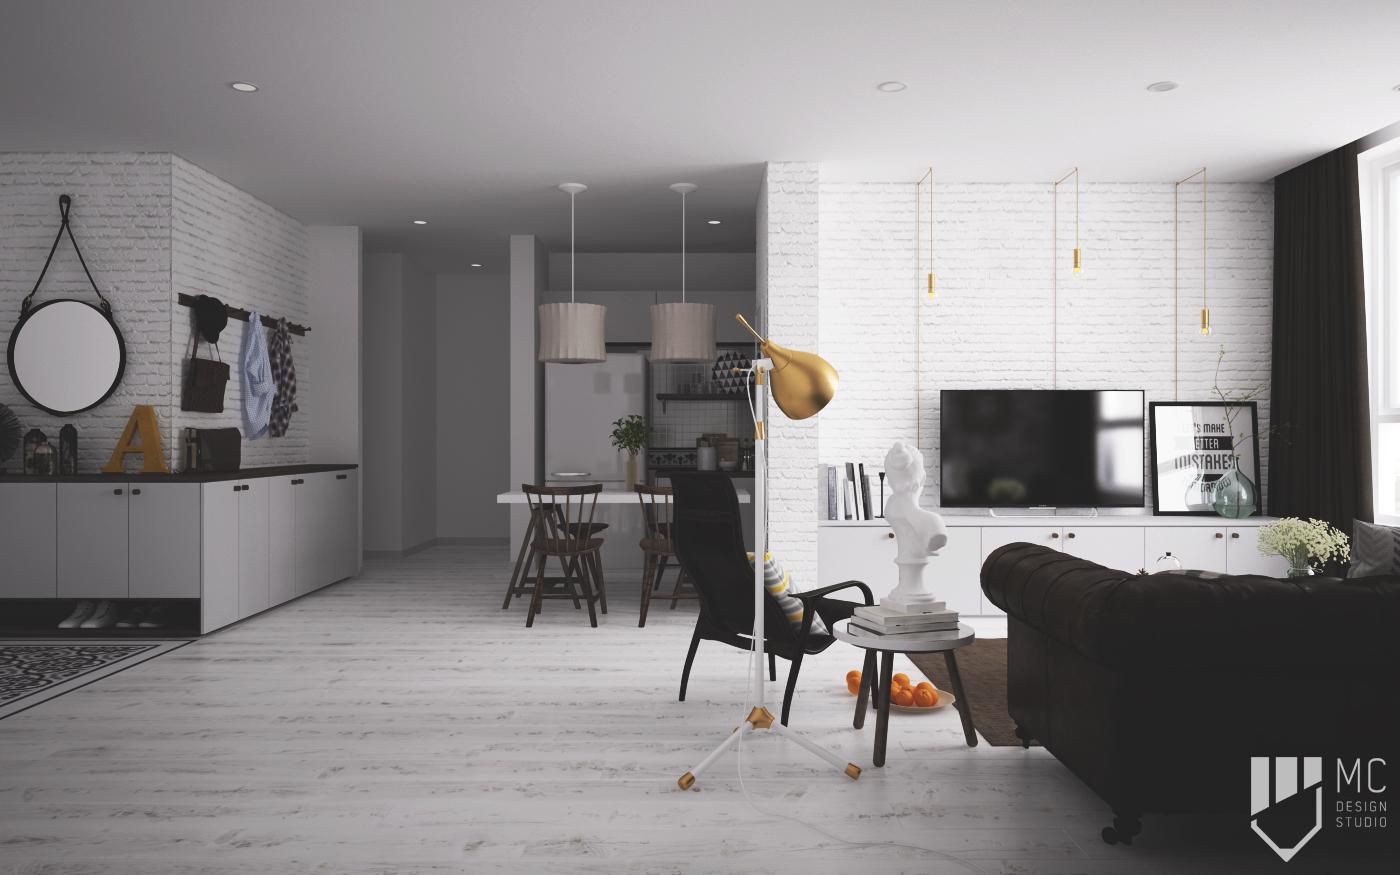 Thiết kế nội thất Chung Cư tại Hồ Chí Minh Sunrise City Apartment 1588400532 4